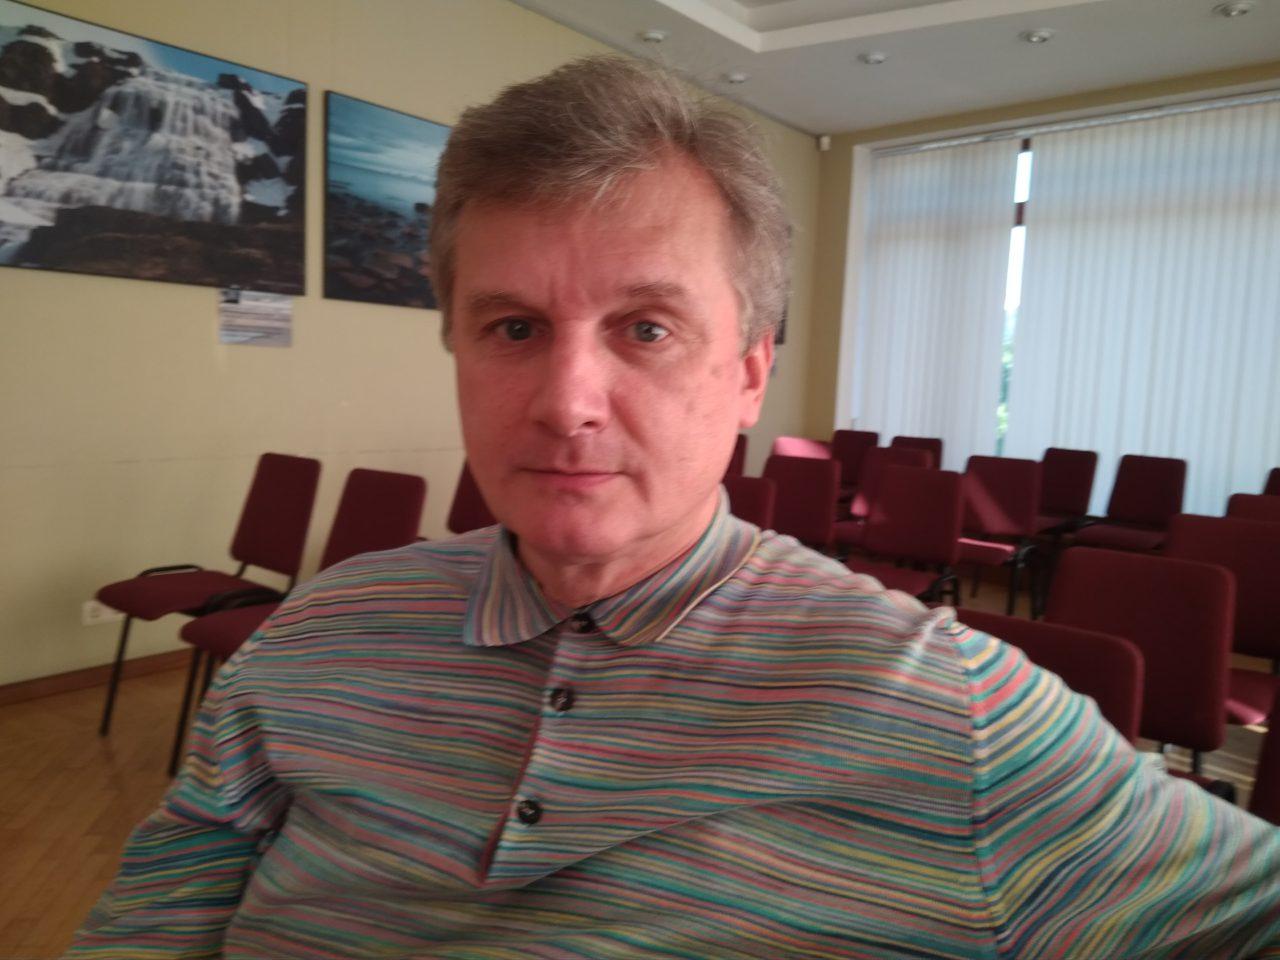 Ассоциация документального кино СК РФ в газете «СК-НОВОСТИ» № 6 (380) 17 июня 2019